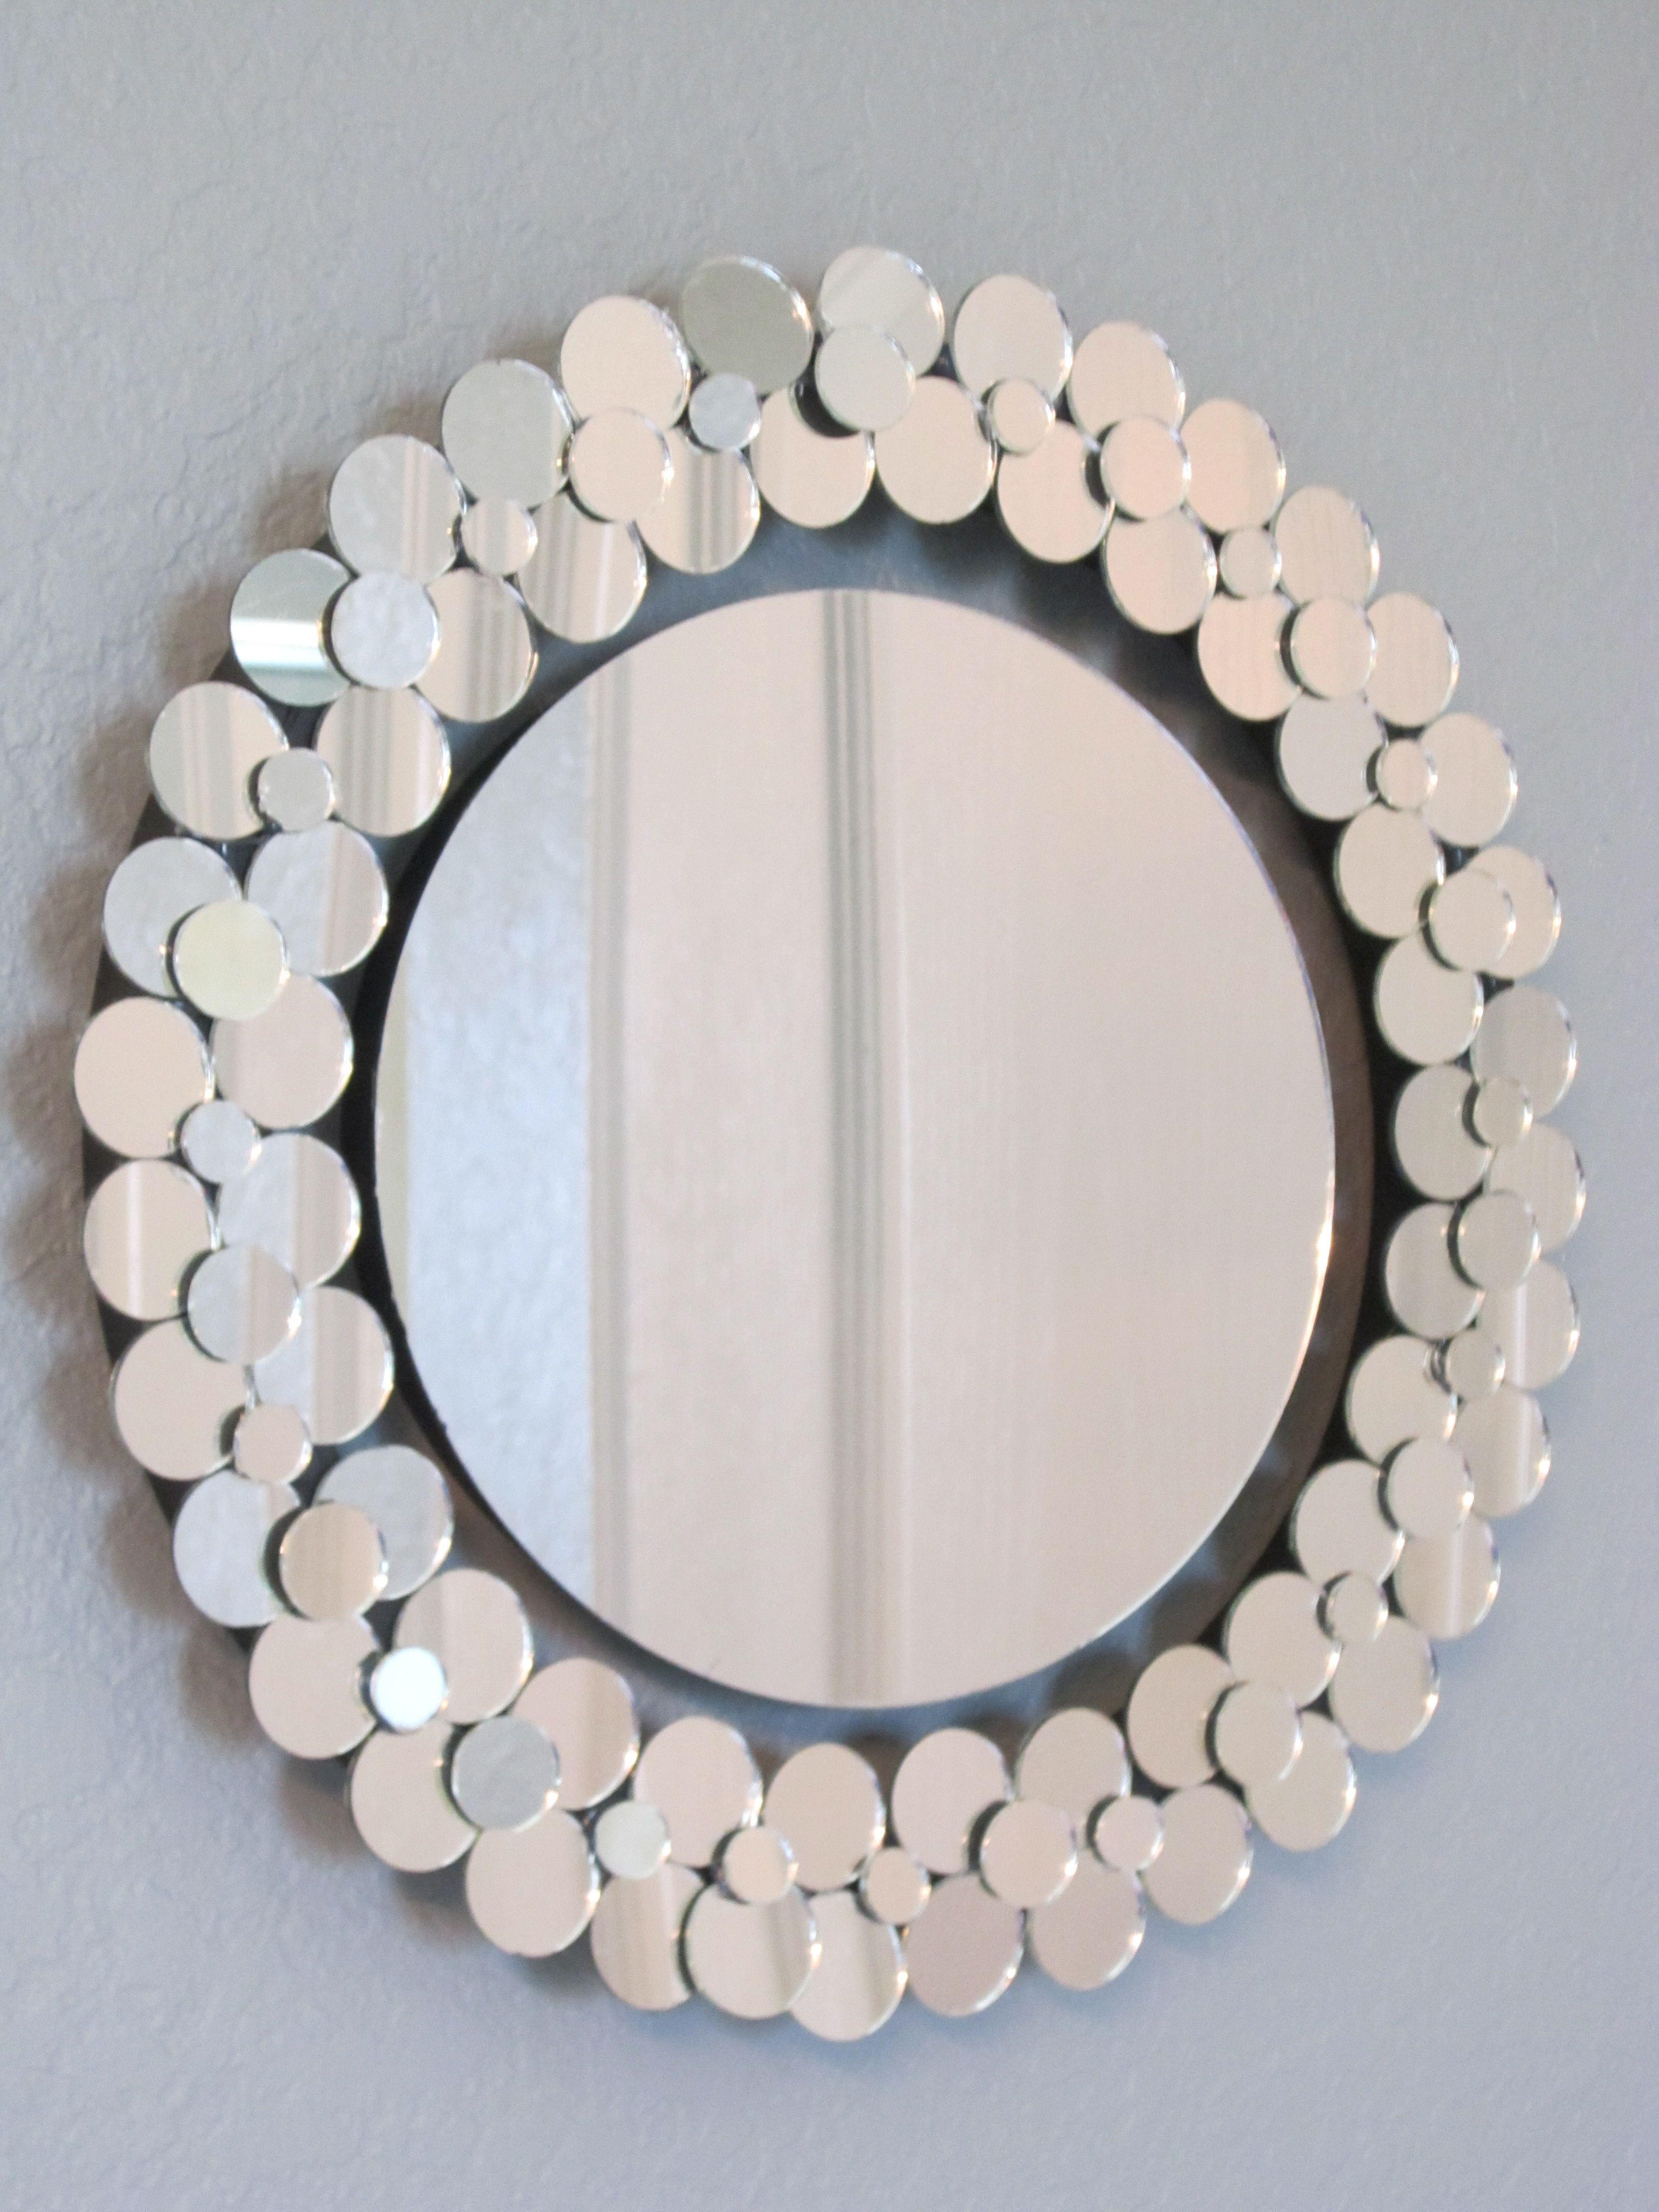 как можно оформить зеркало своими руками фото выполнить